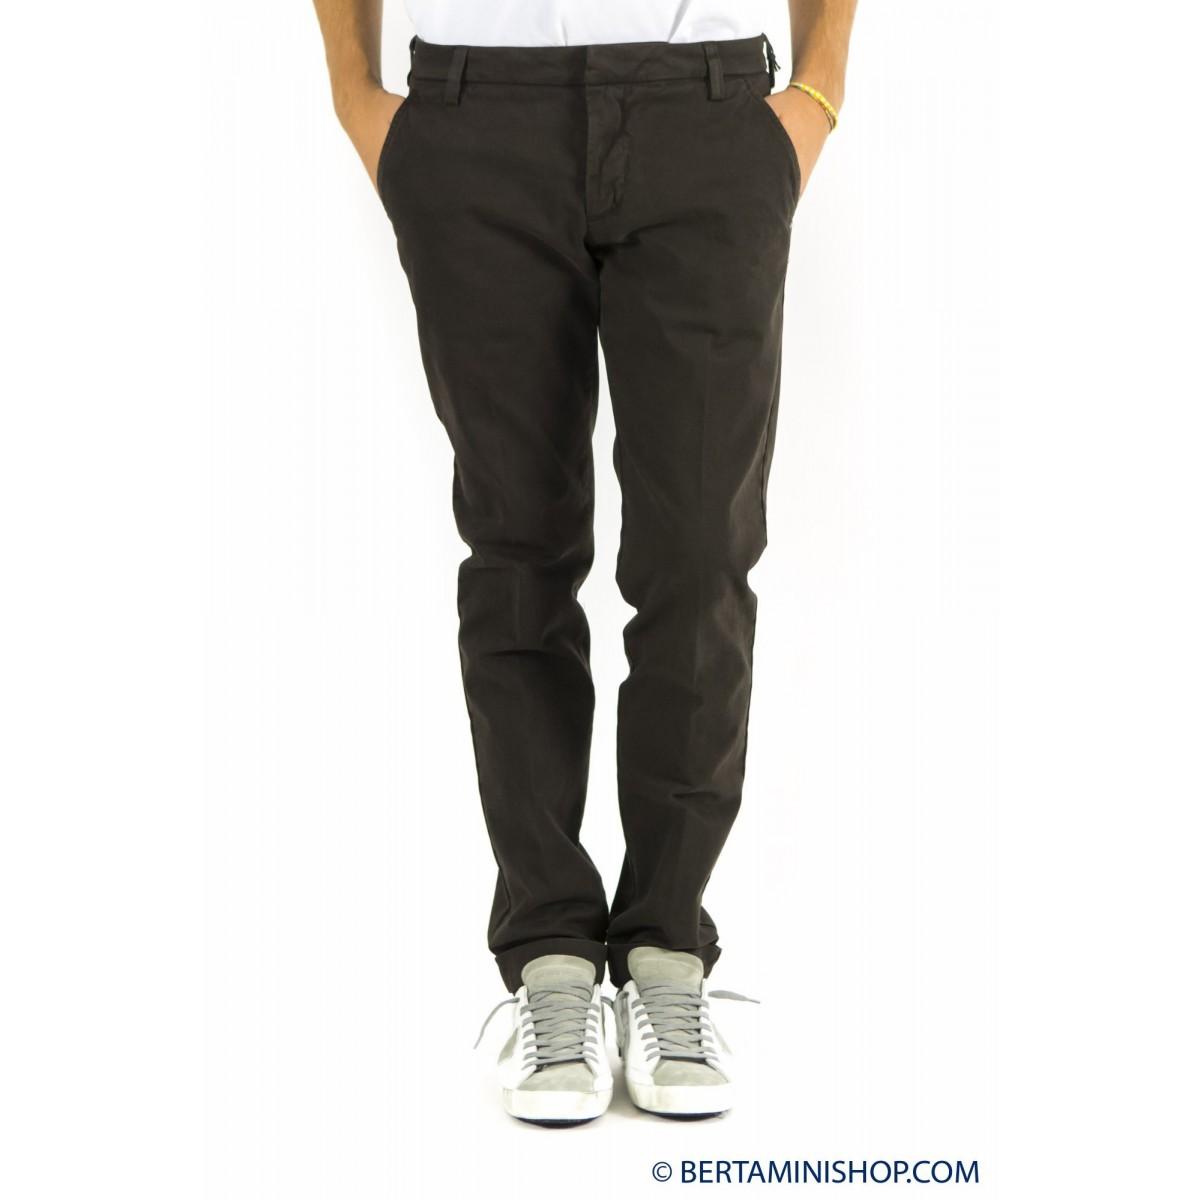 Trousers Entre Amis Man - 8201 488L17 502 - Tasta di moro